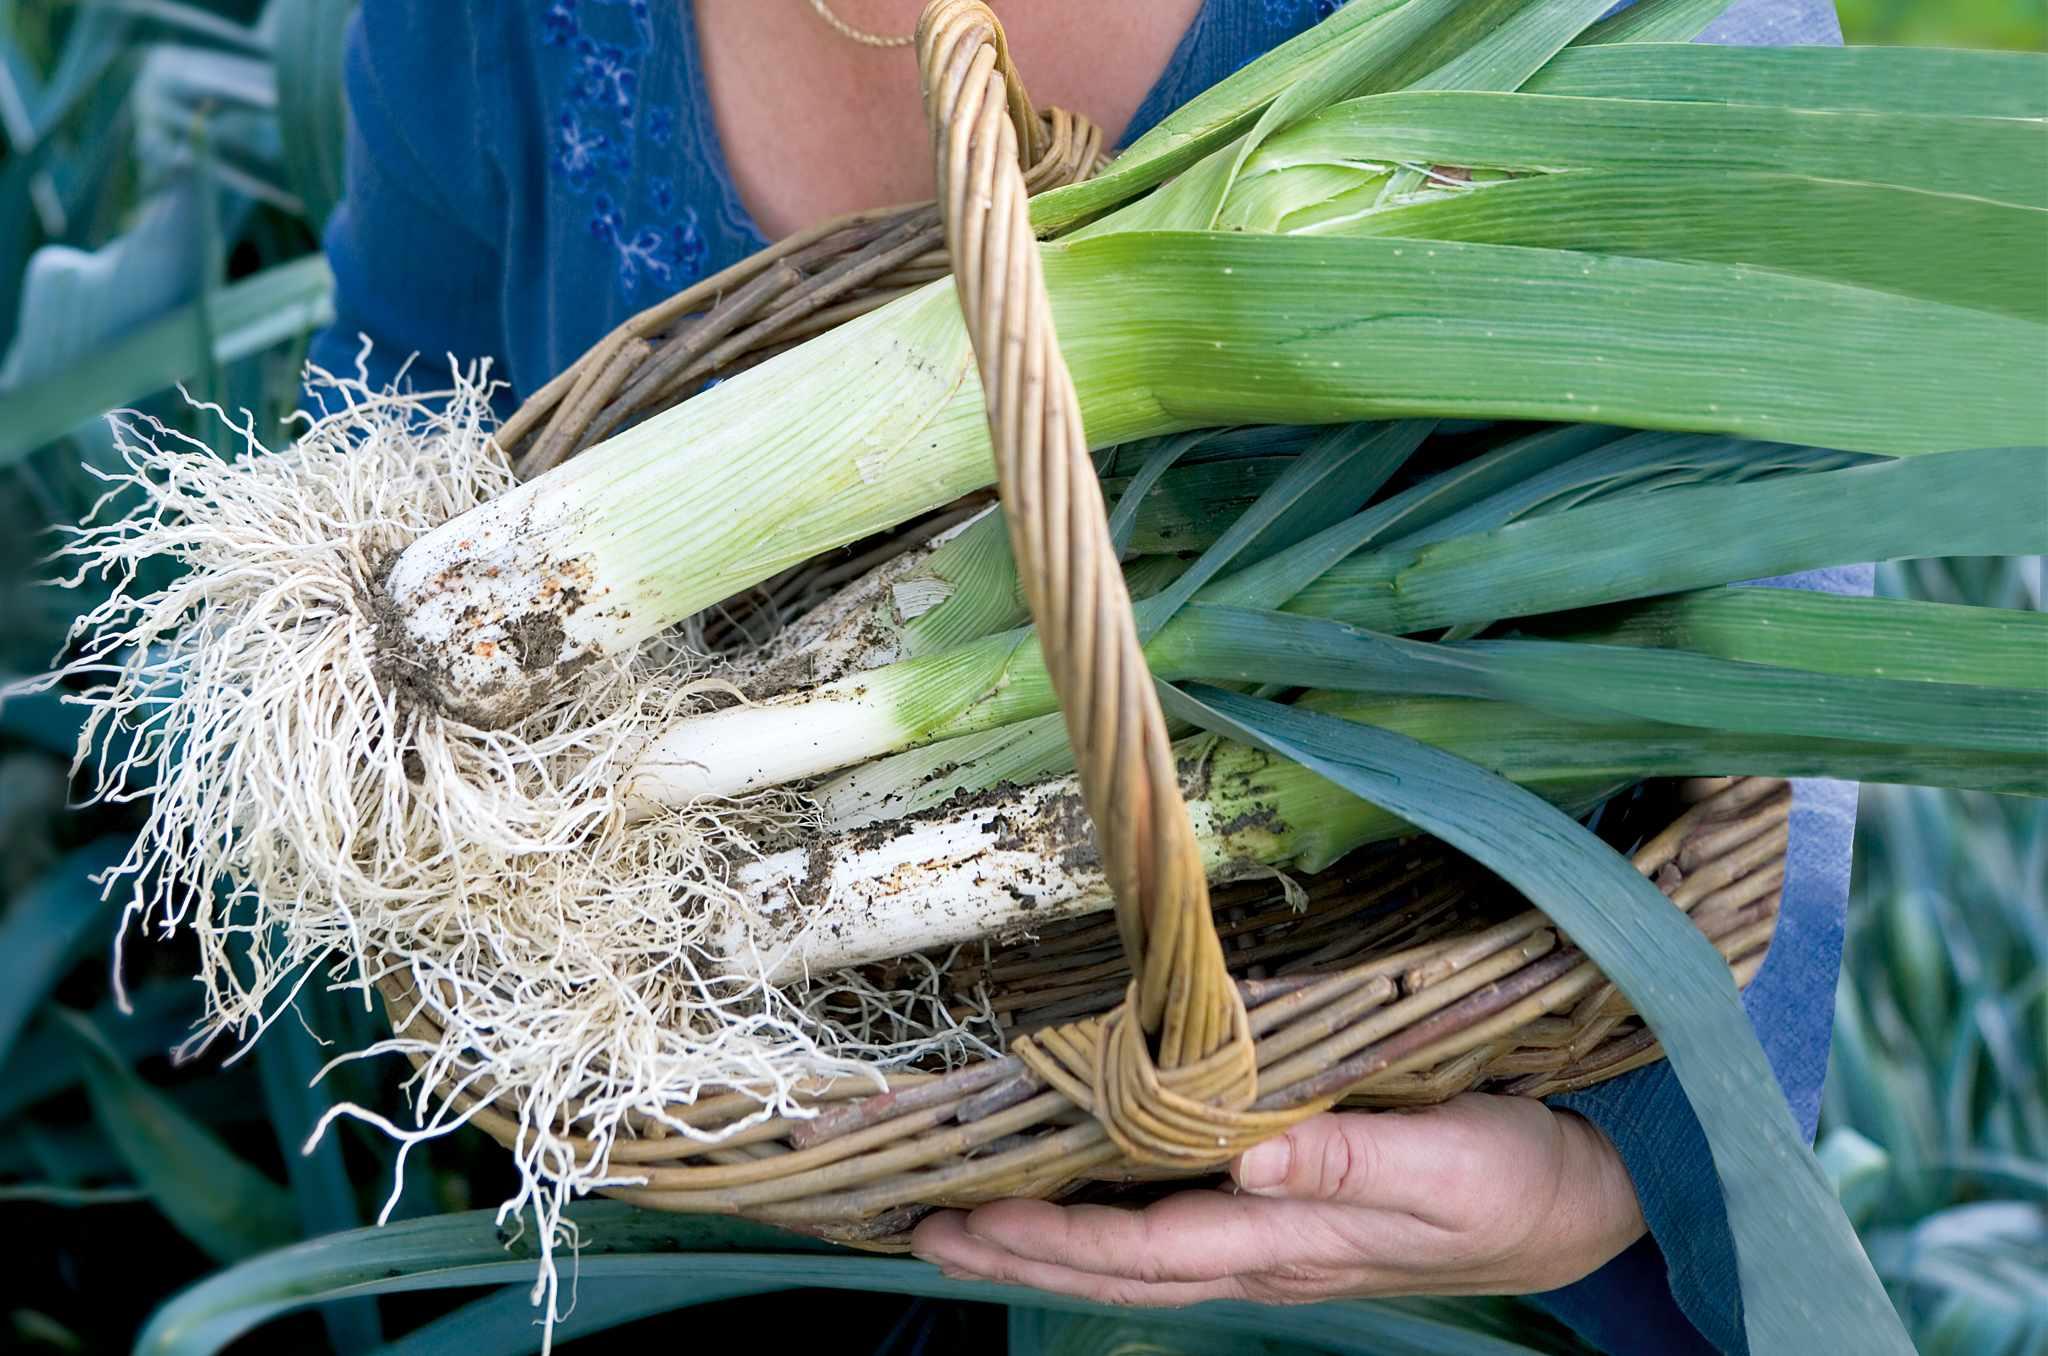 Harvested leeks